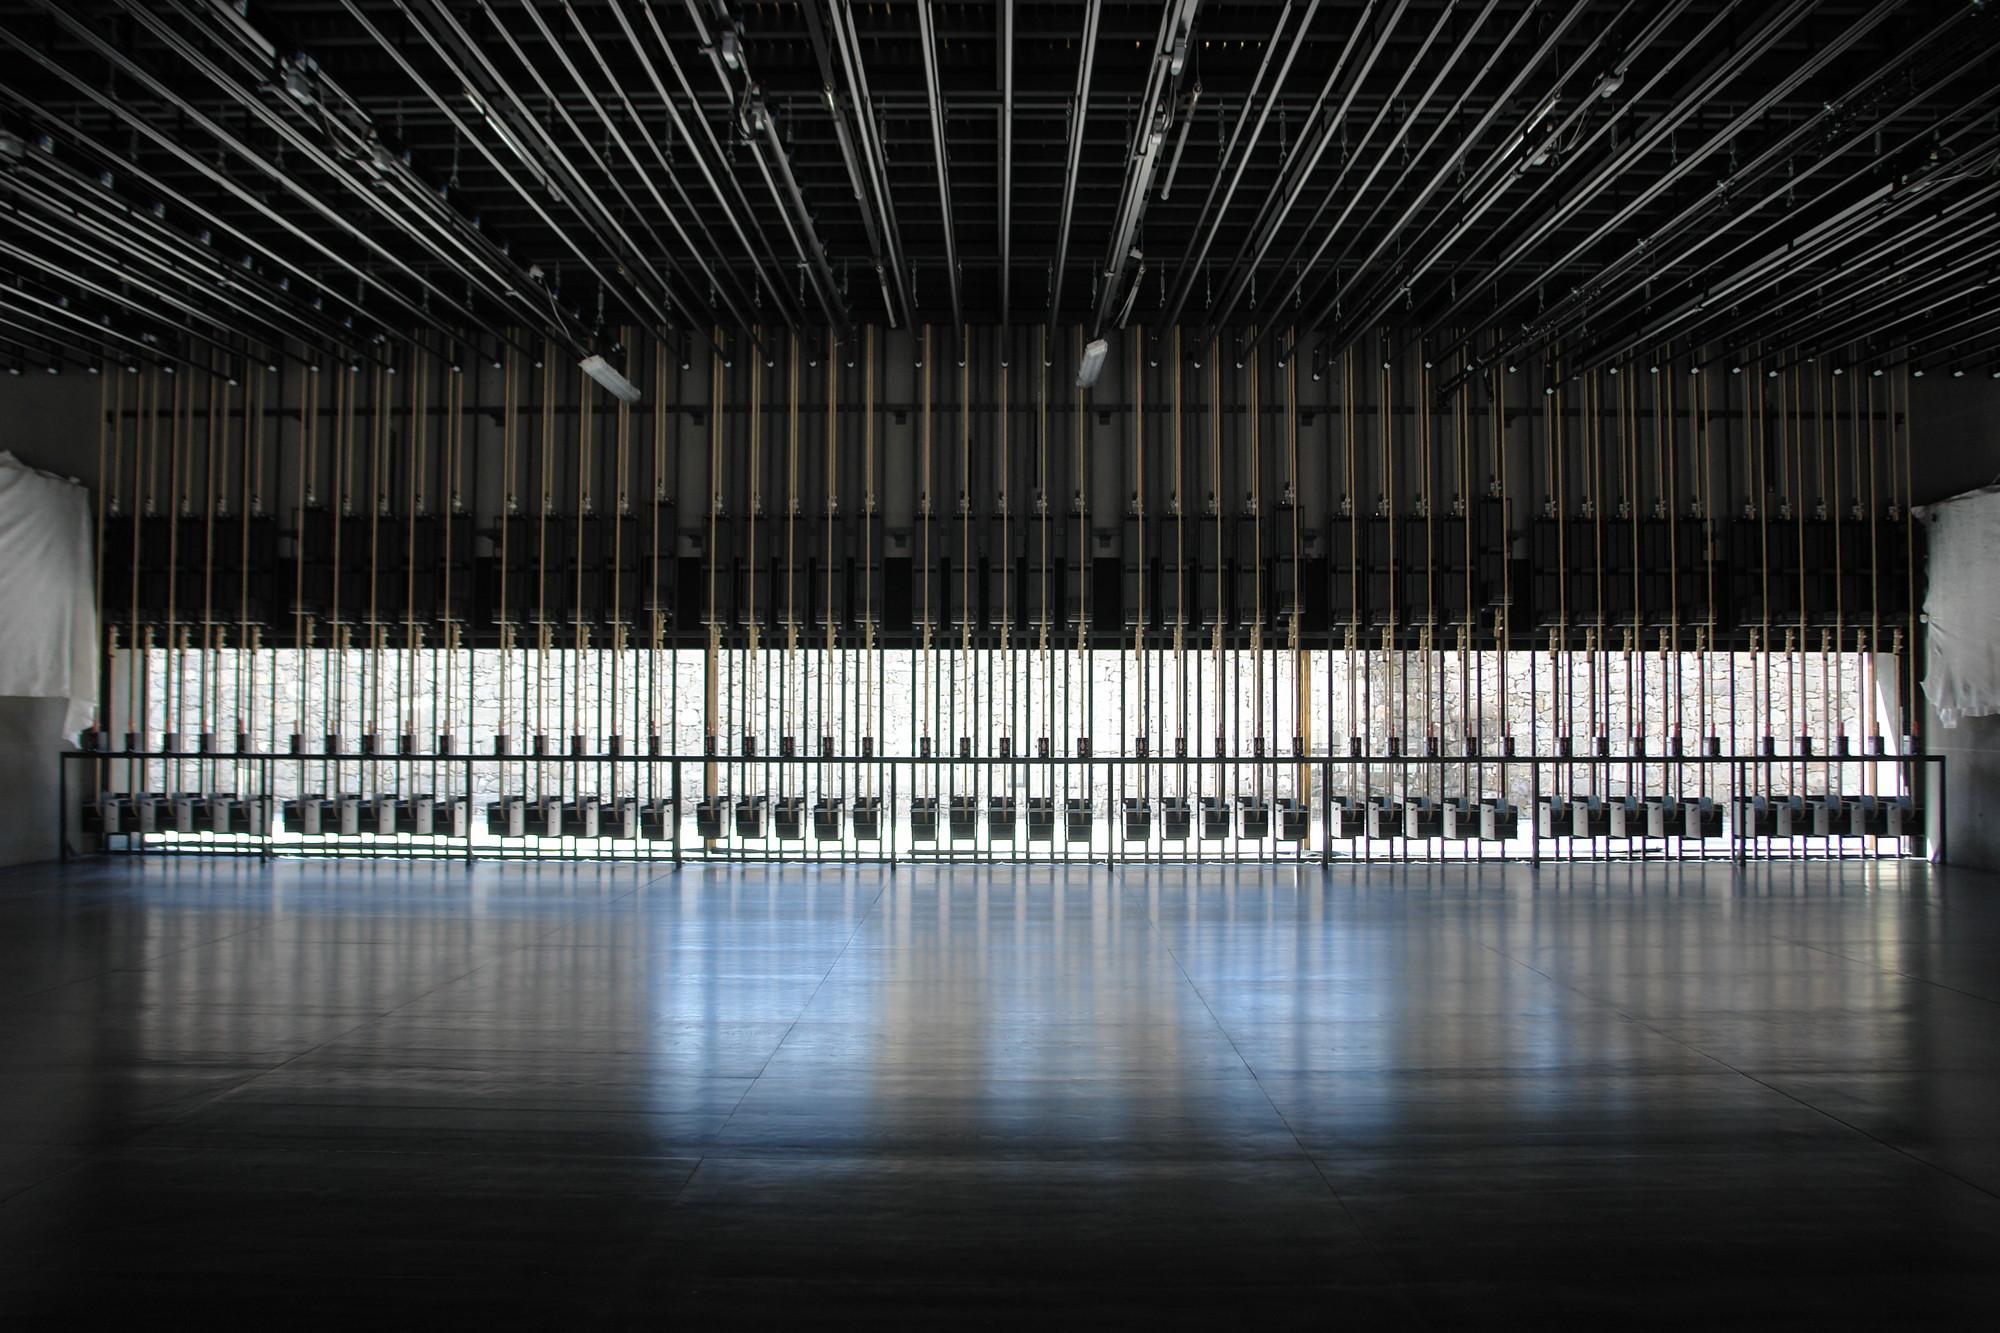 Arquipélago - Contemporary Arts Centre. Image © Francisco Vieira de Campos, Cristina Guedes (Menos é Mais Arquitectos) and João Mendes Ribeiro (João Mendes Ribeiro Arquitecto)